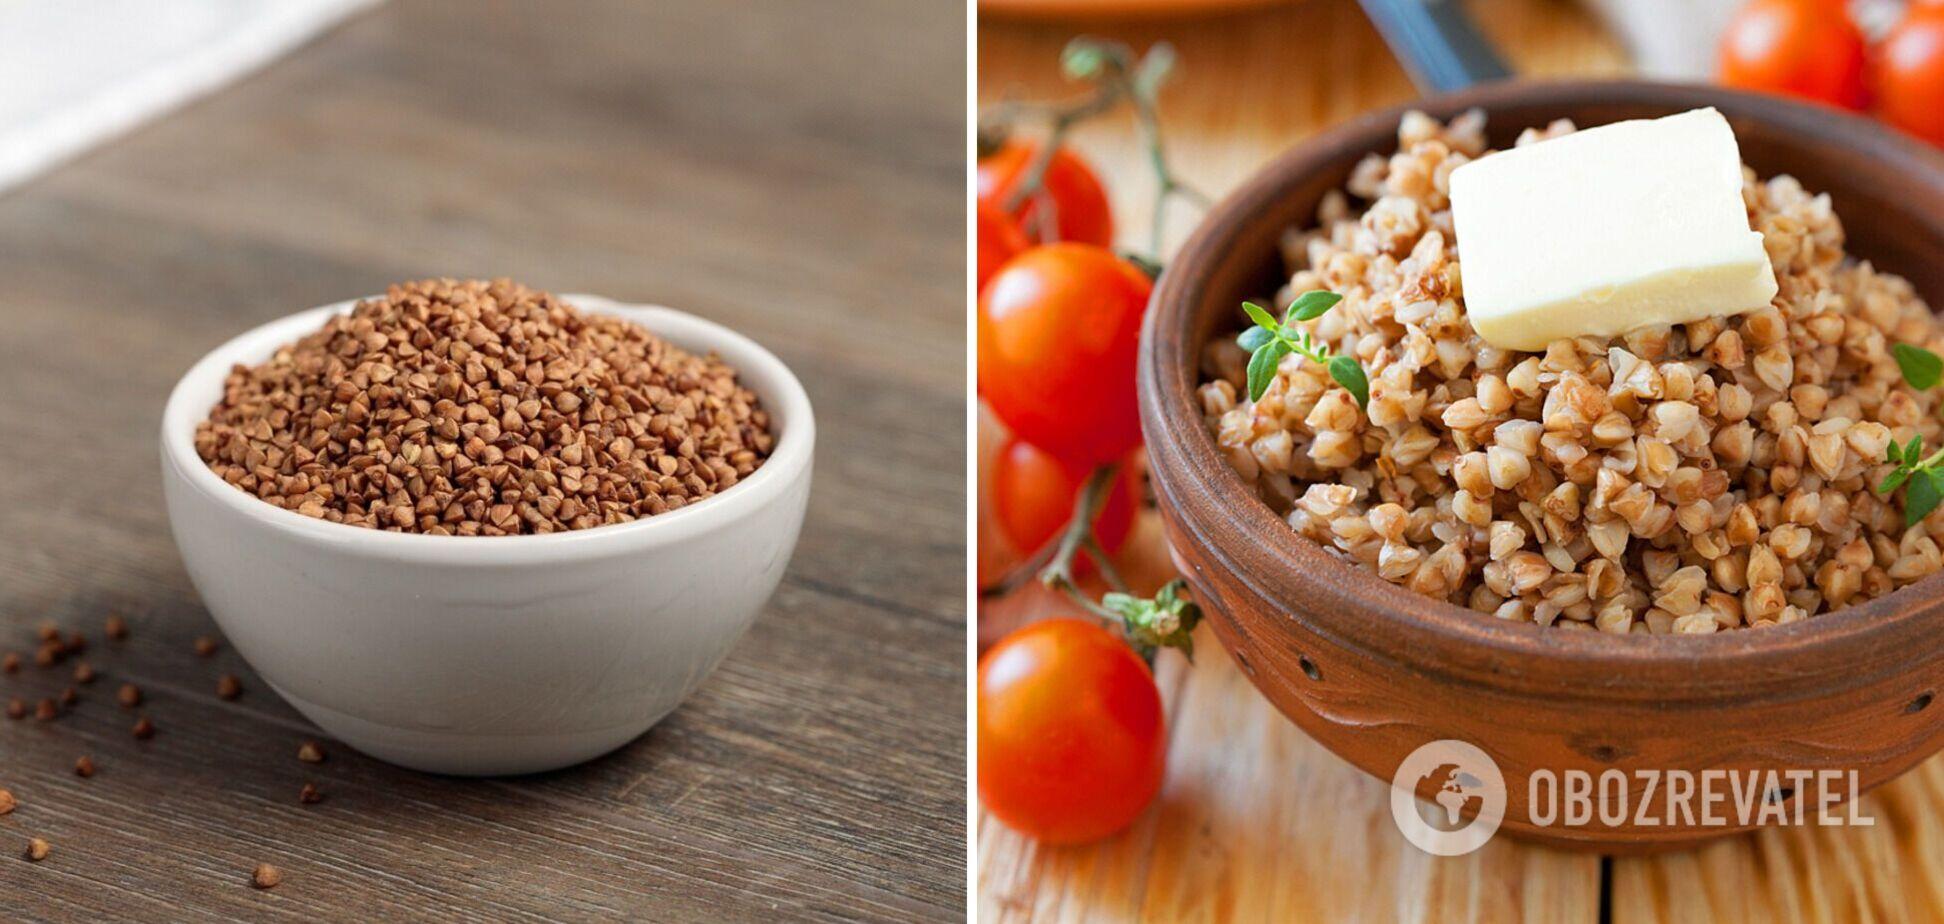 Як не зіпсувати гречку – секрет та рецепт приготування смачної каші